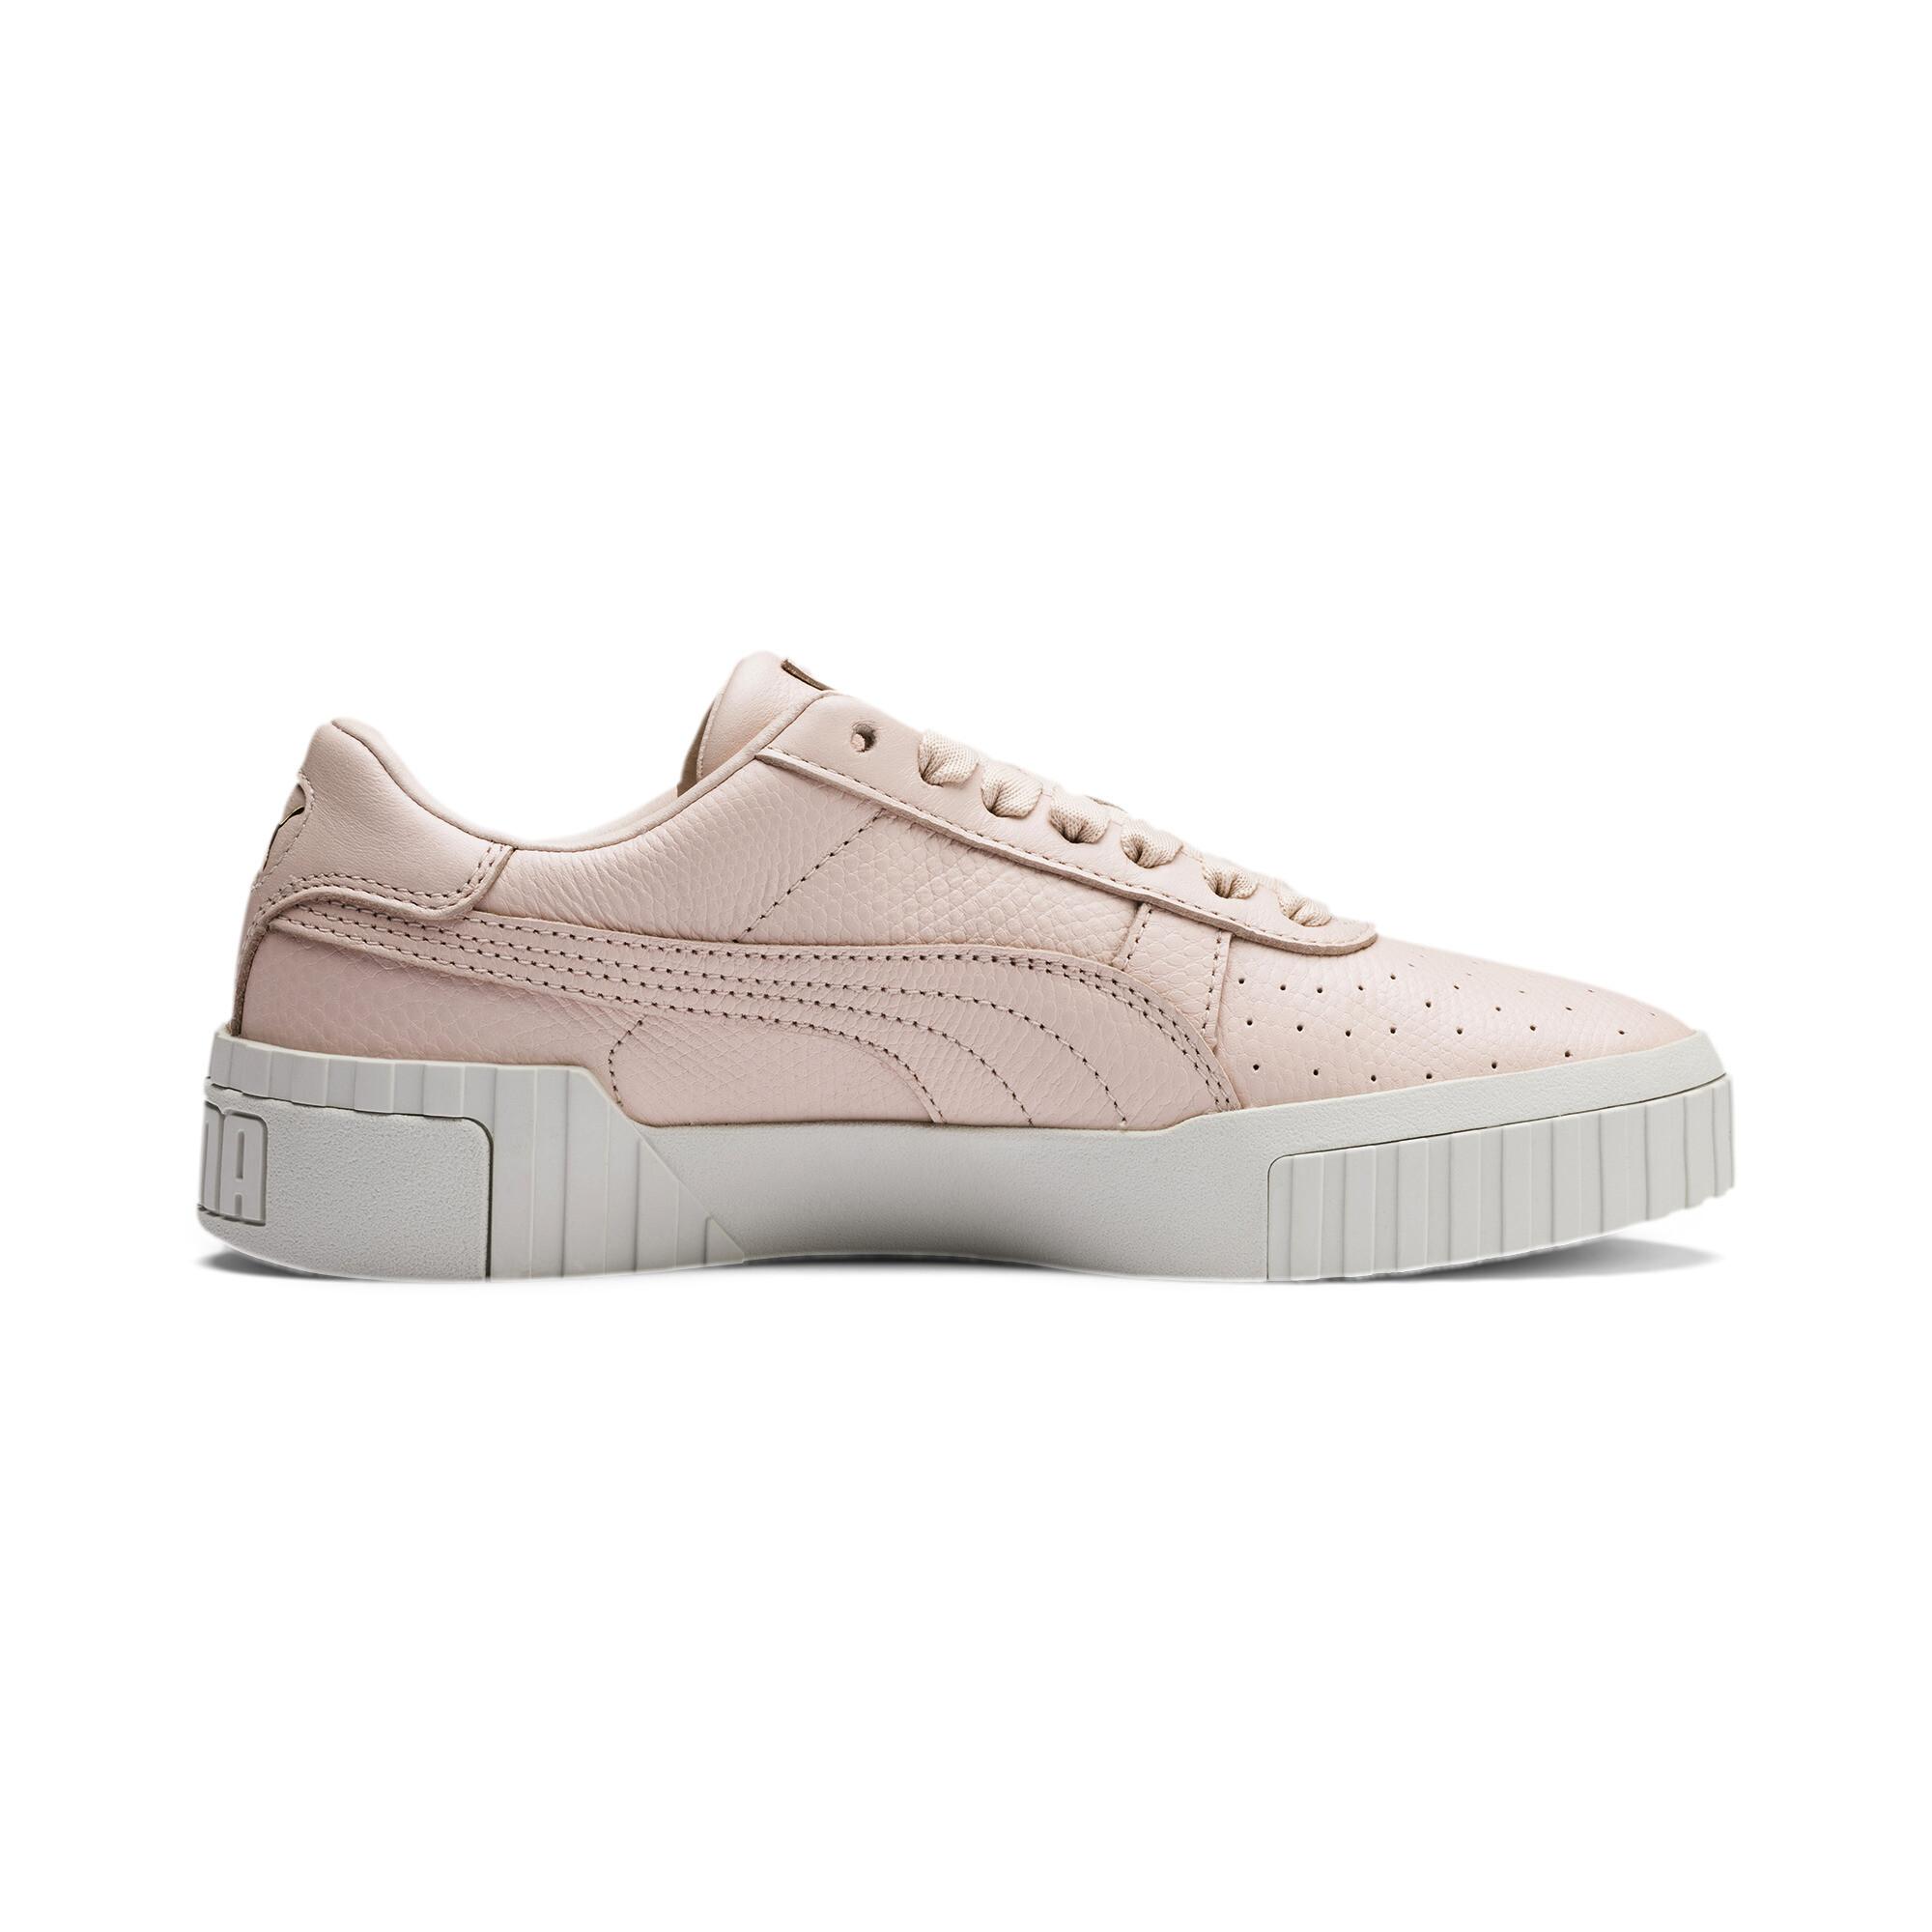 Image Puma Cali Emboss Women's Sneakers #6